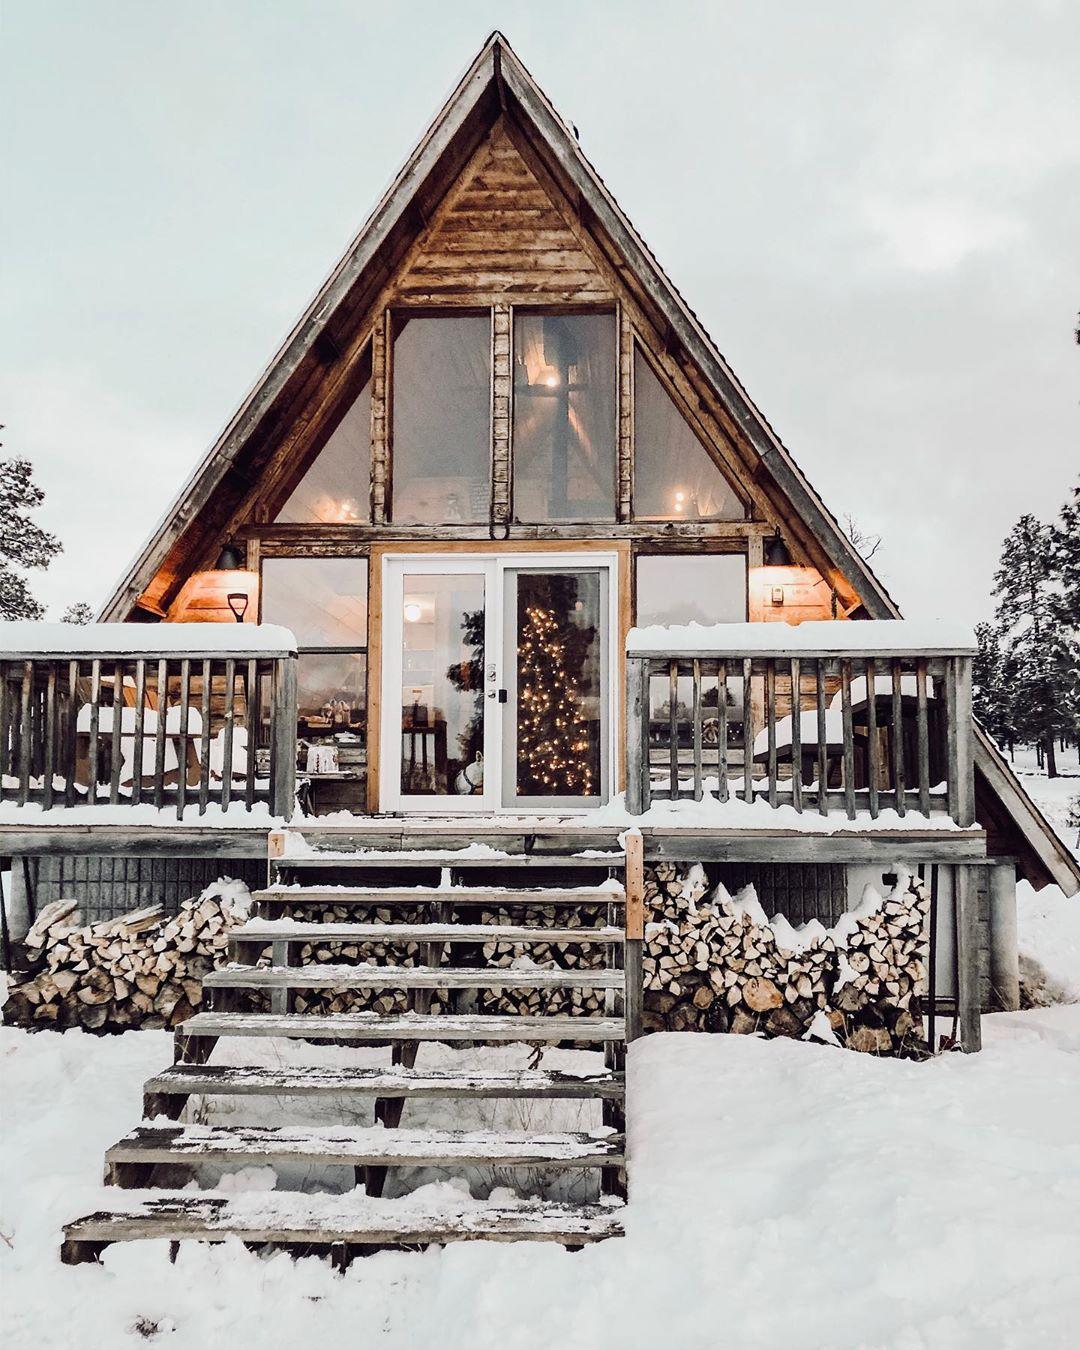 A-frame cabin Arizona winter